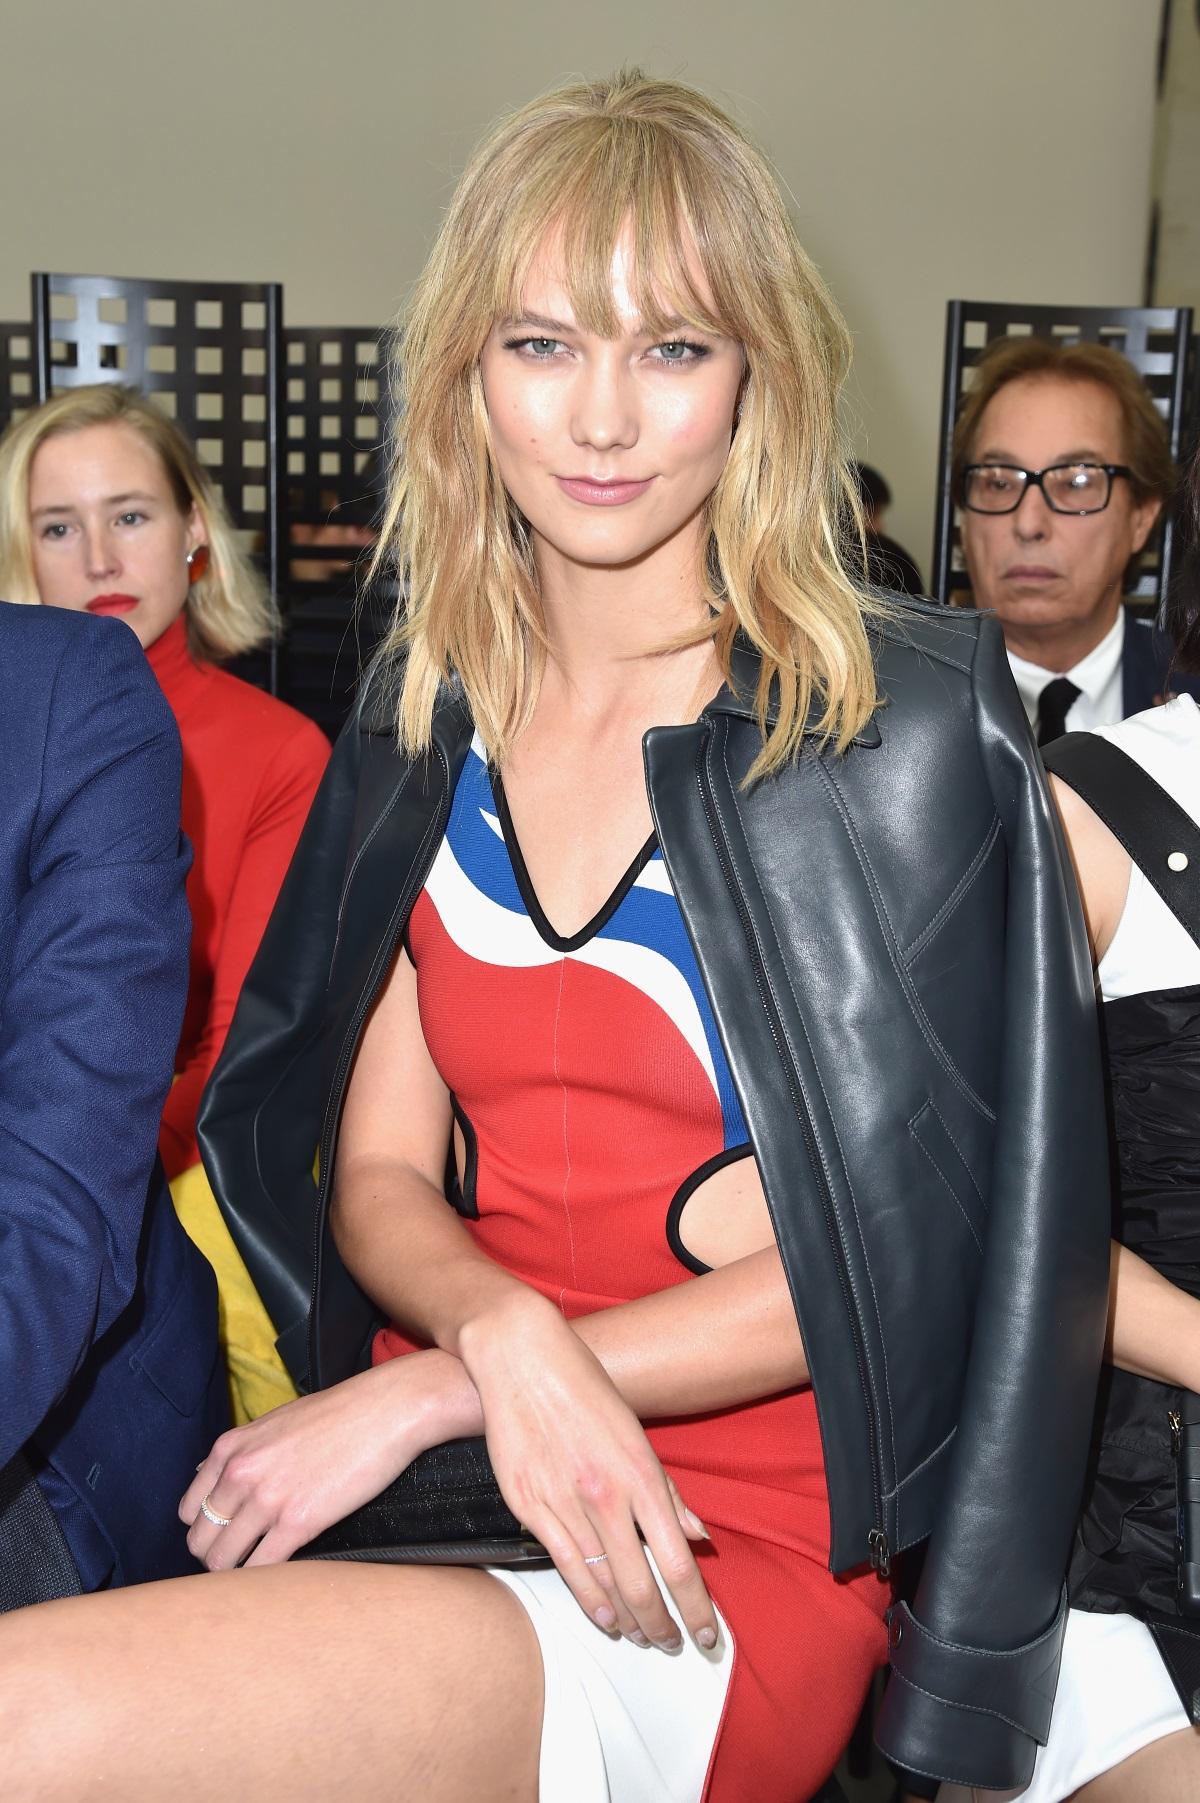 Известния модел се сгоди за Джошуа Къшнър. Той е наследник на богатата фамилия и брат на съпруга на Иванка Тръмп - Джаред Къшнър